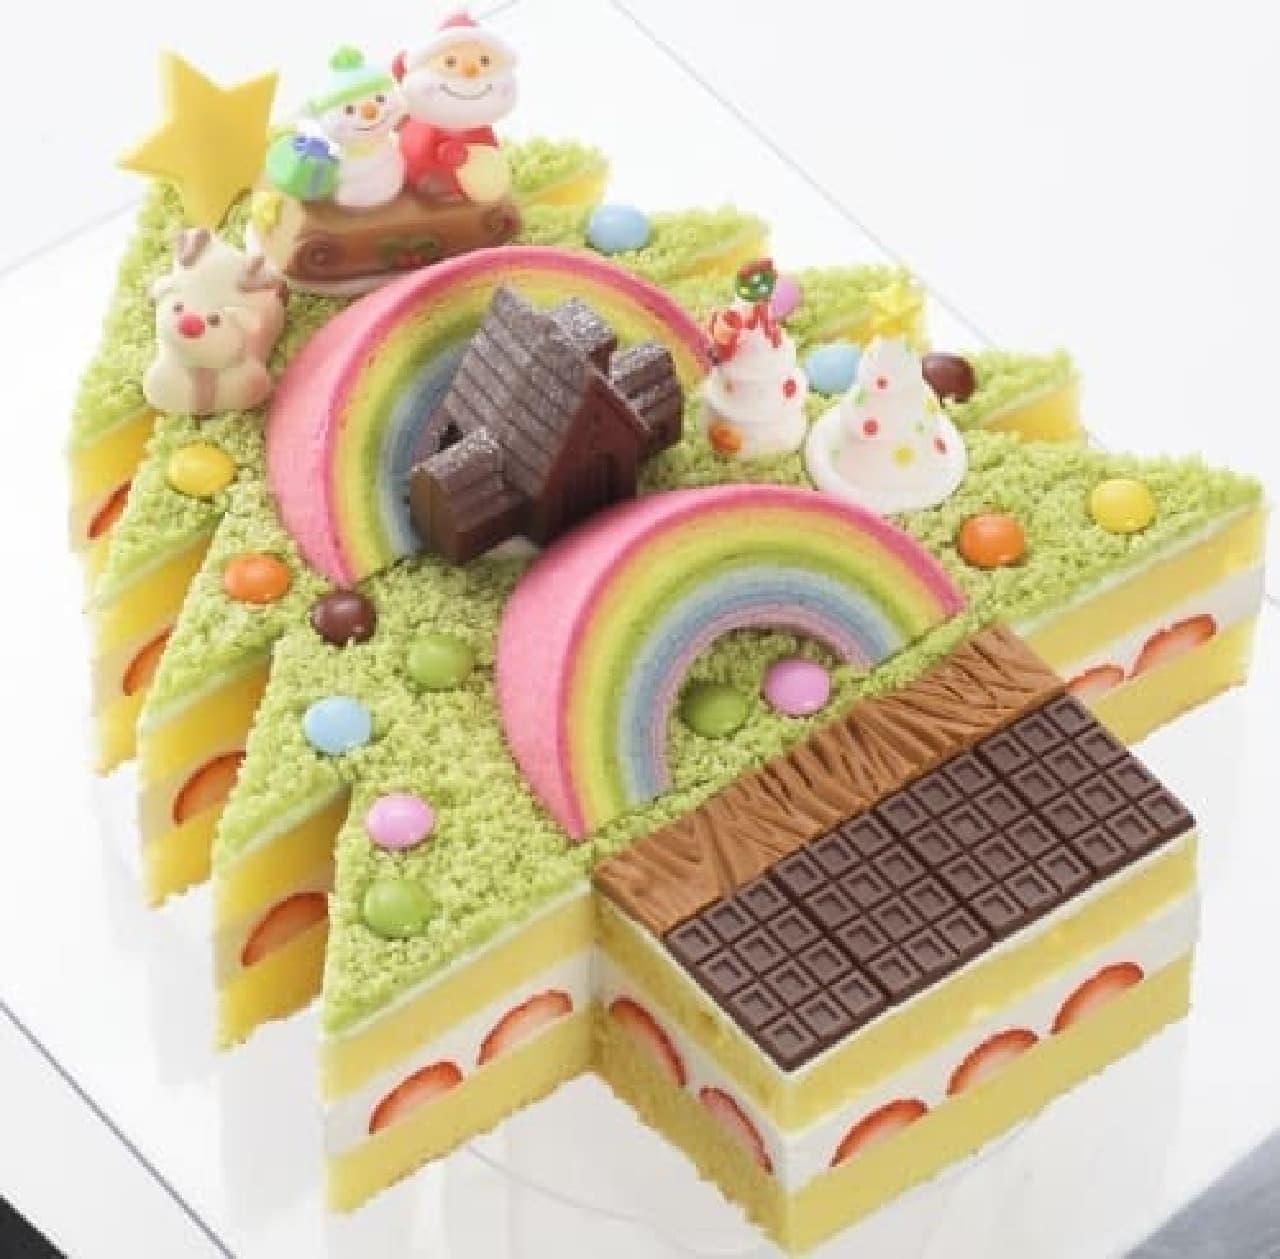 銀座コージーコーナー「夢のクリスマスケーキコンテスト」